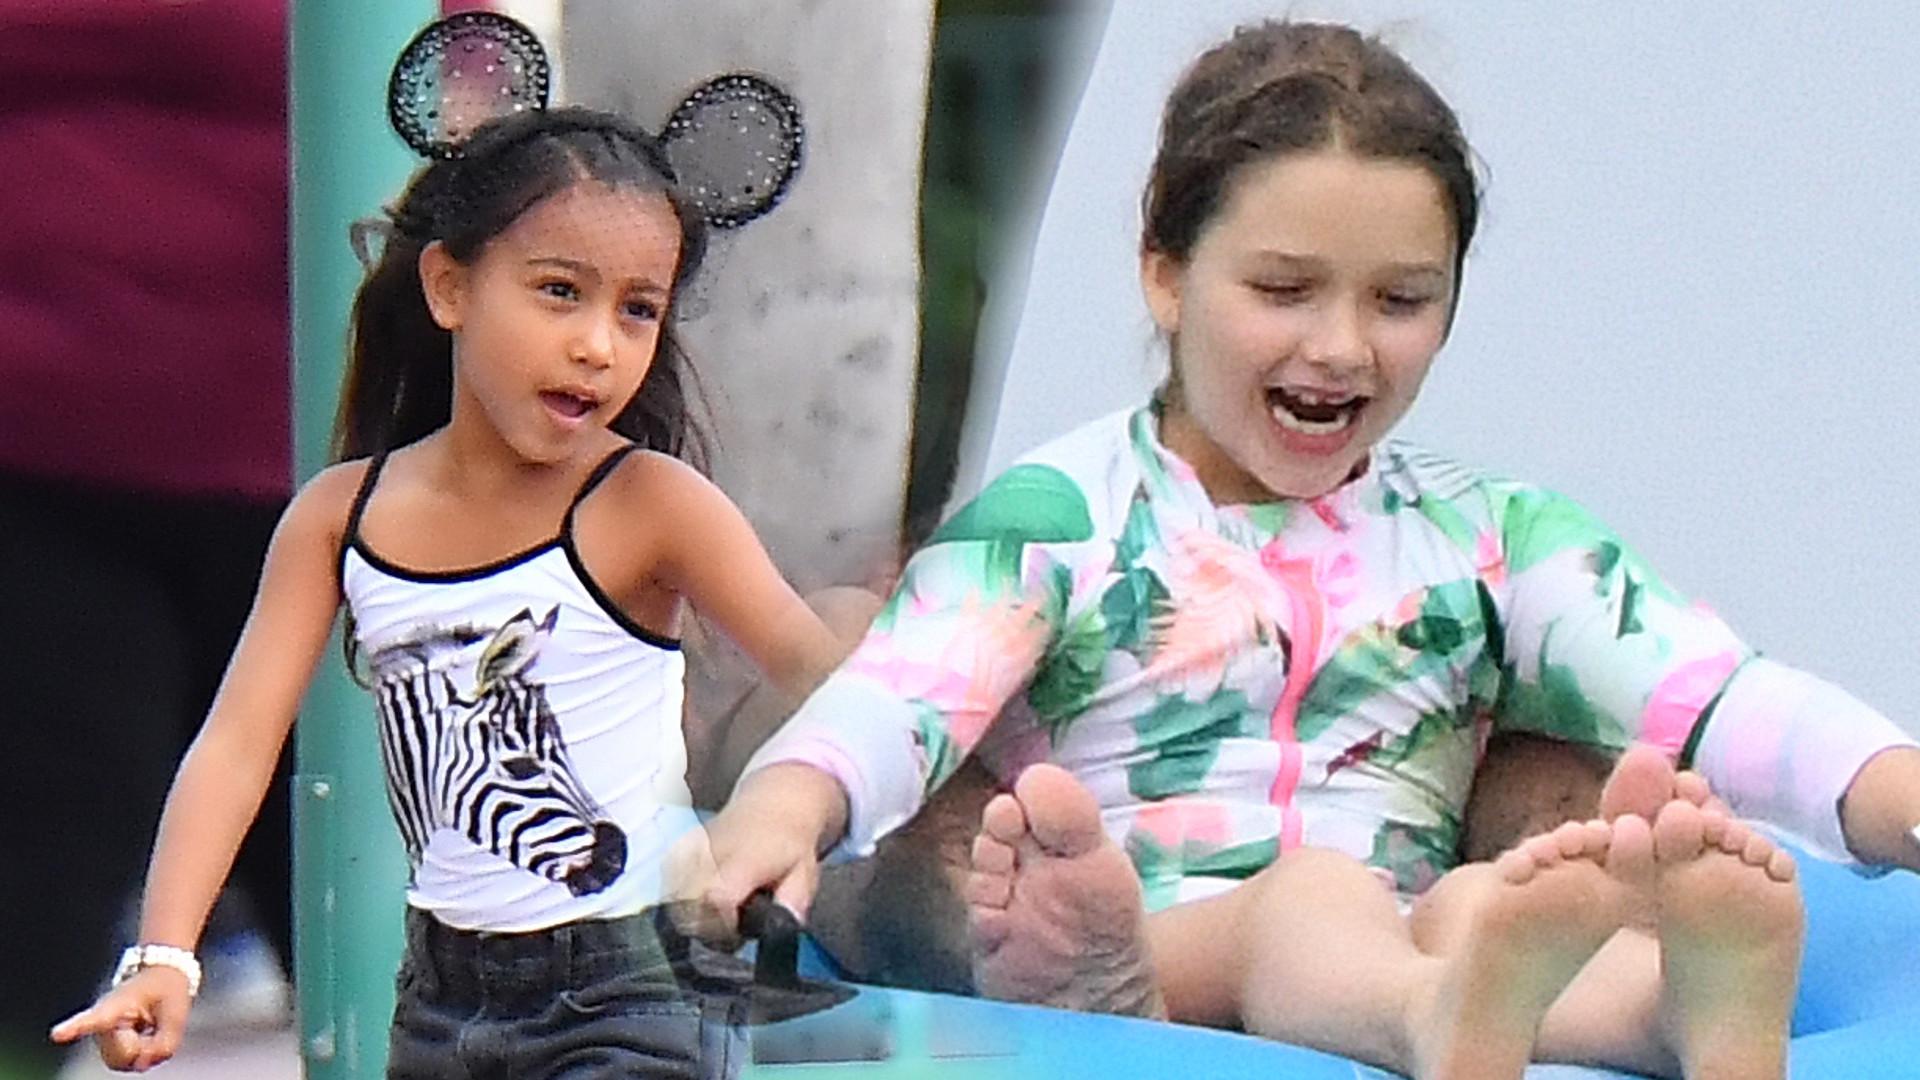 I tym właśnie córka Victorii Beckham różni się od córki Kardashianki